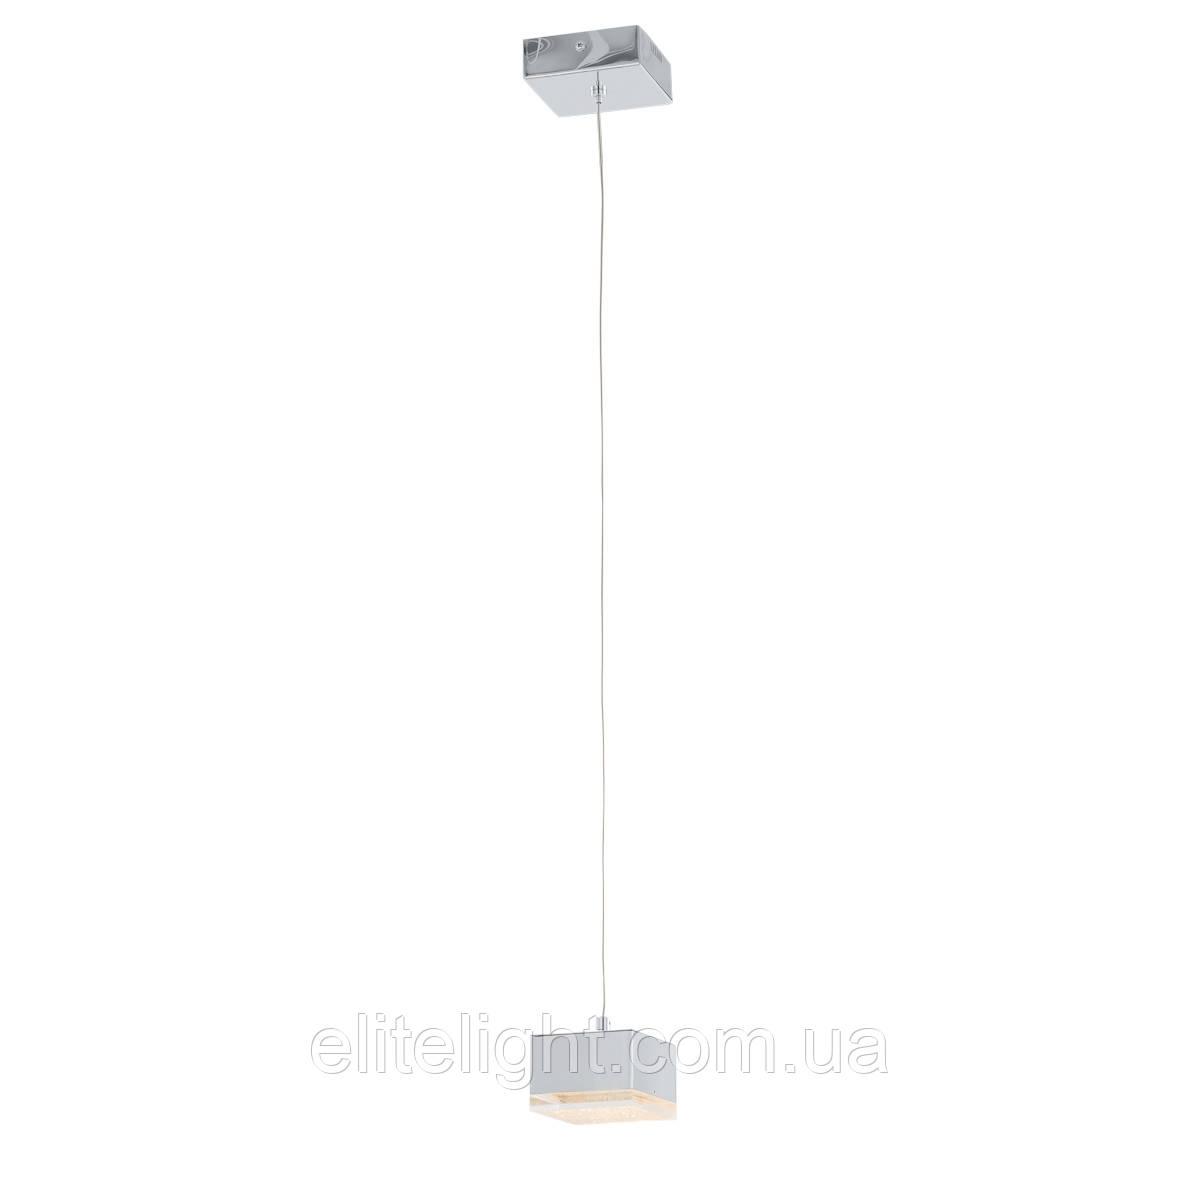 Подвесной светильник Italux MD14009016-1A SETH